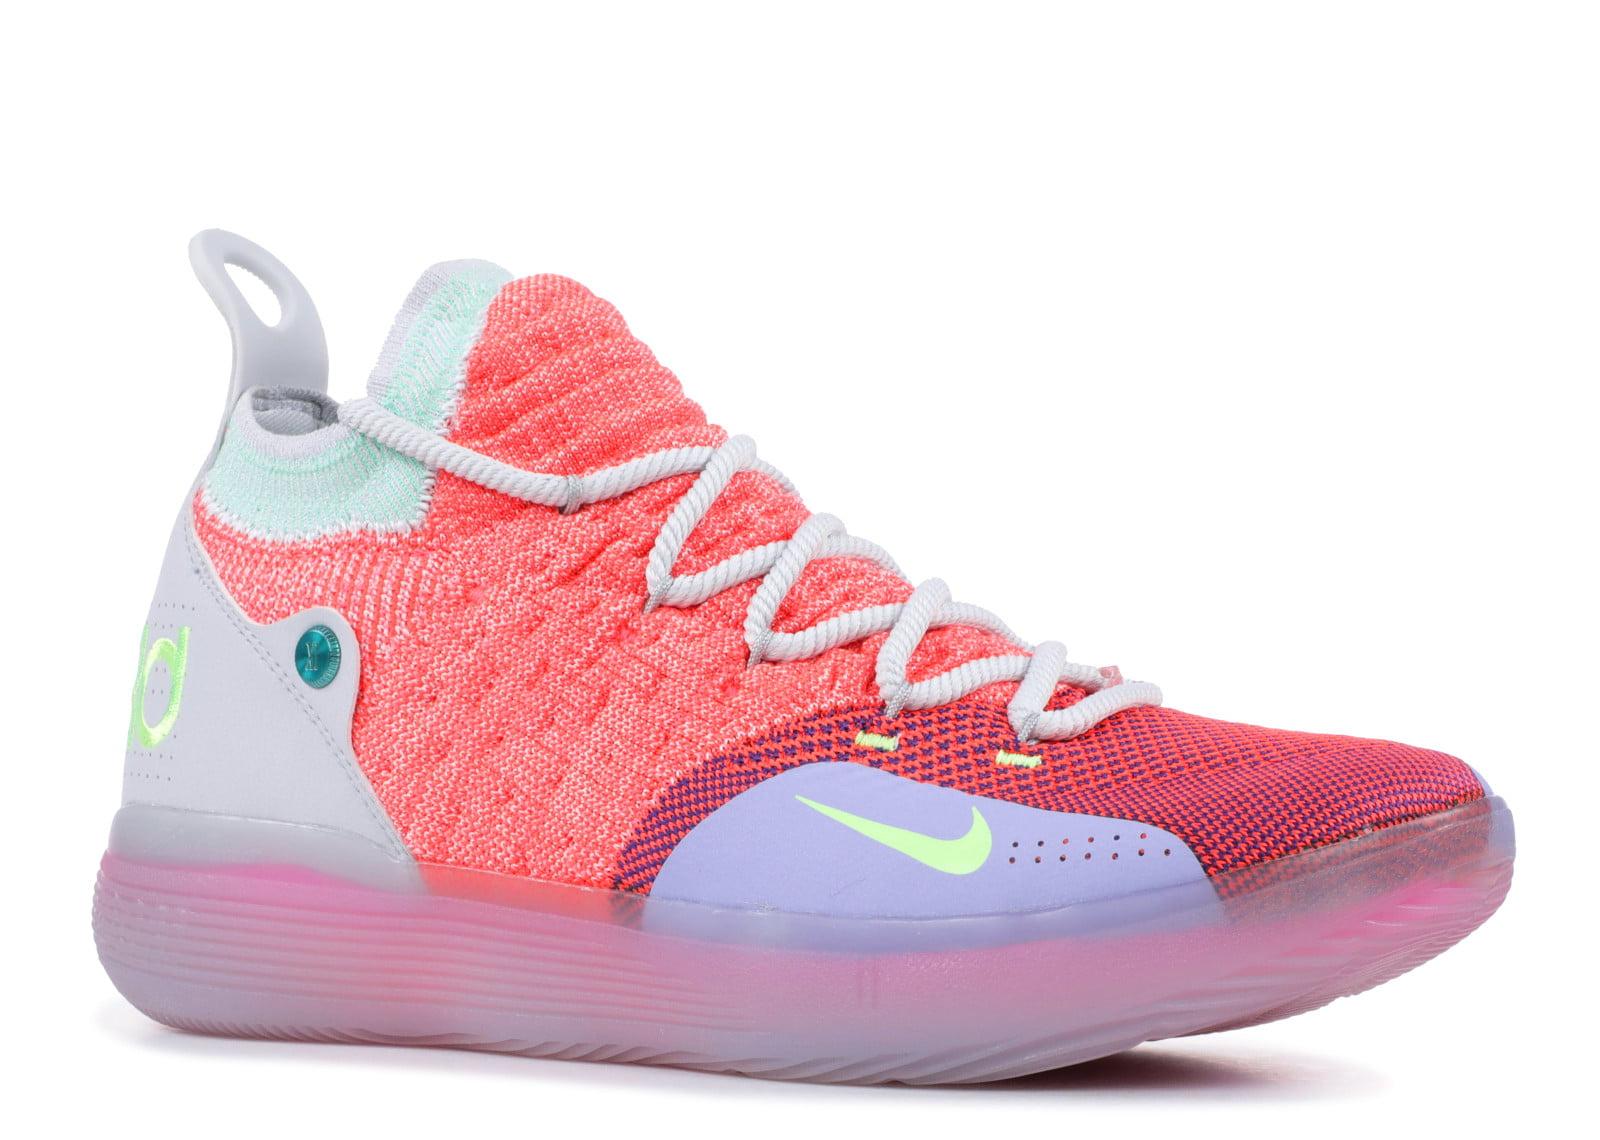 Nike - Men - Nike Zoom Kd11 'Eybl